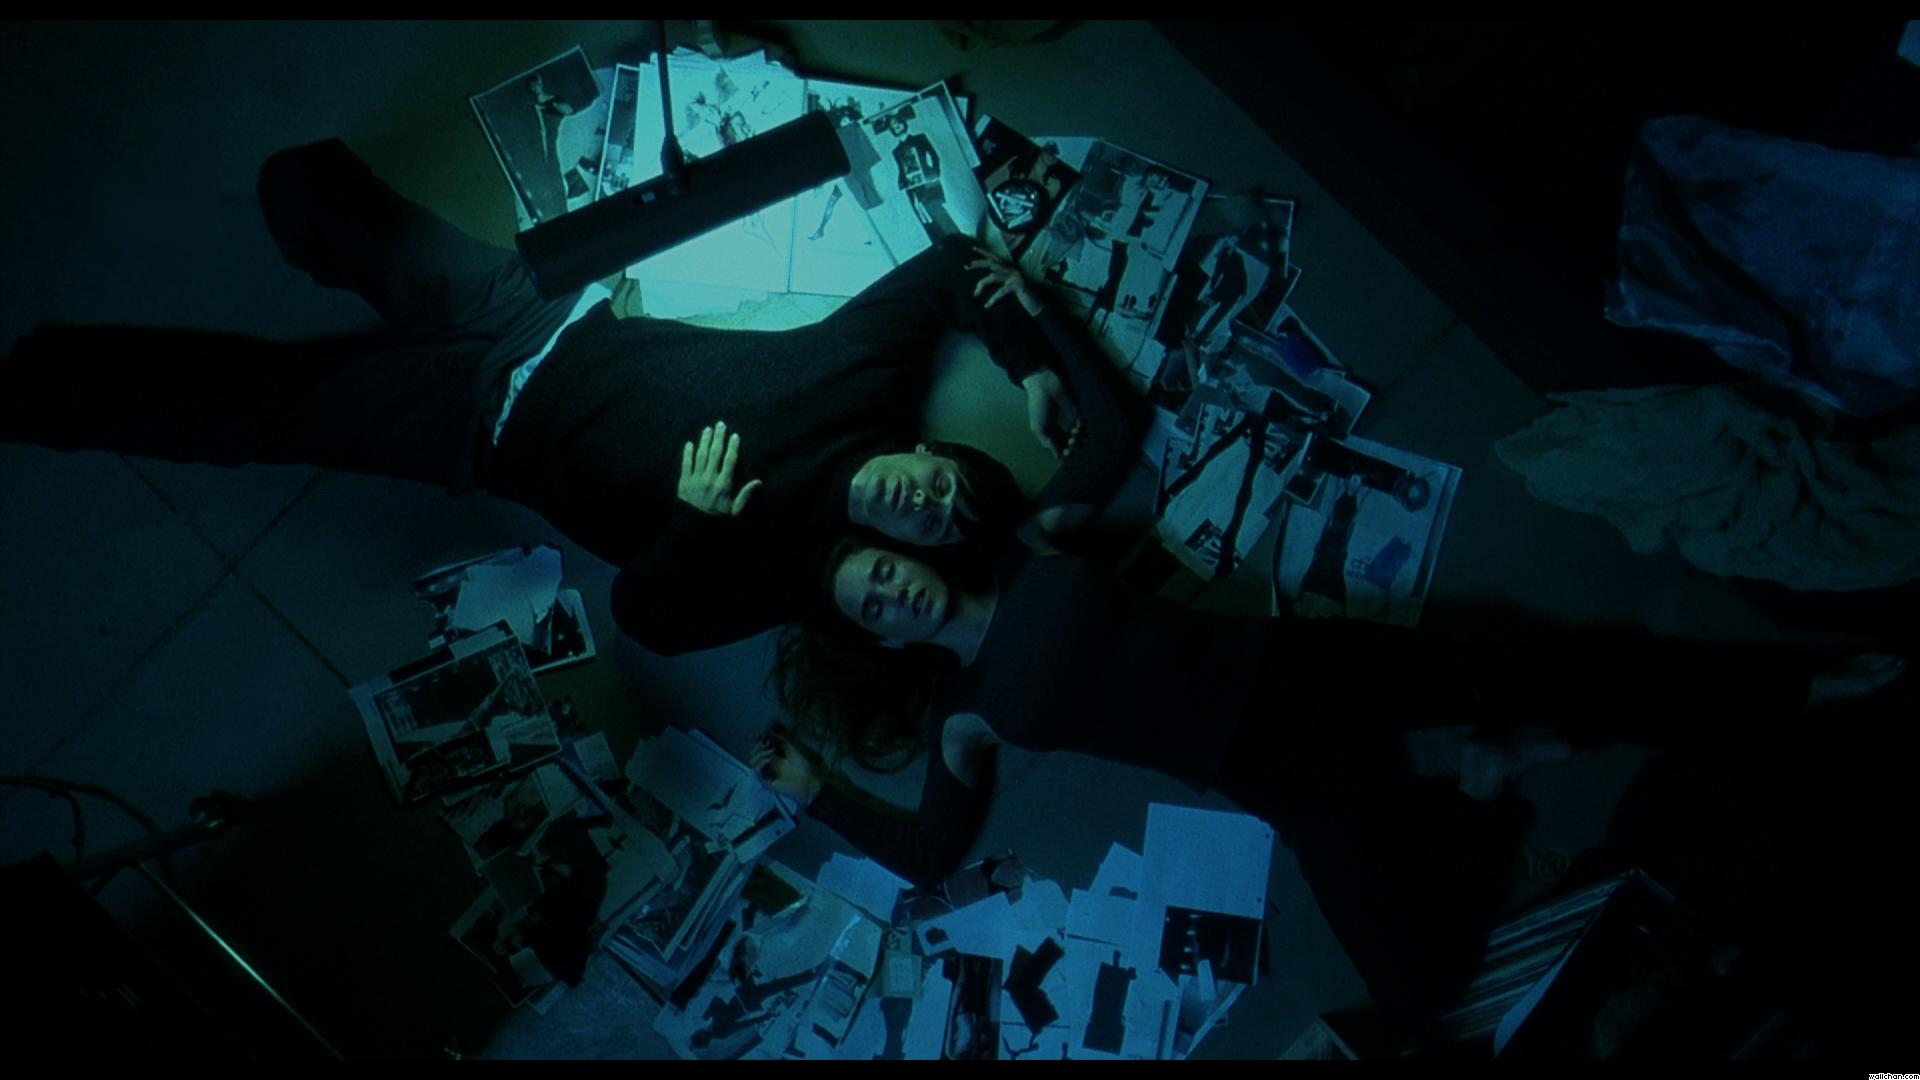 Requiem for a dream essay